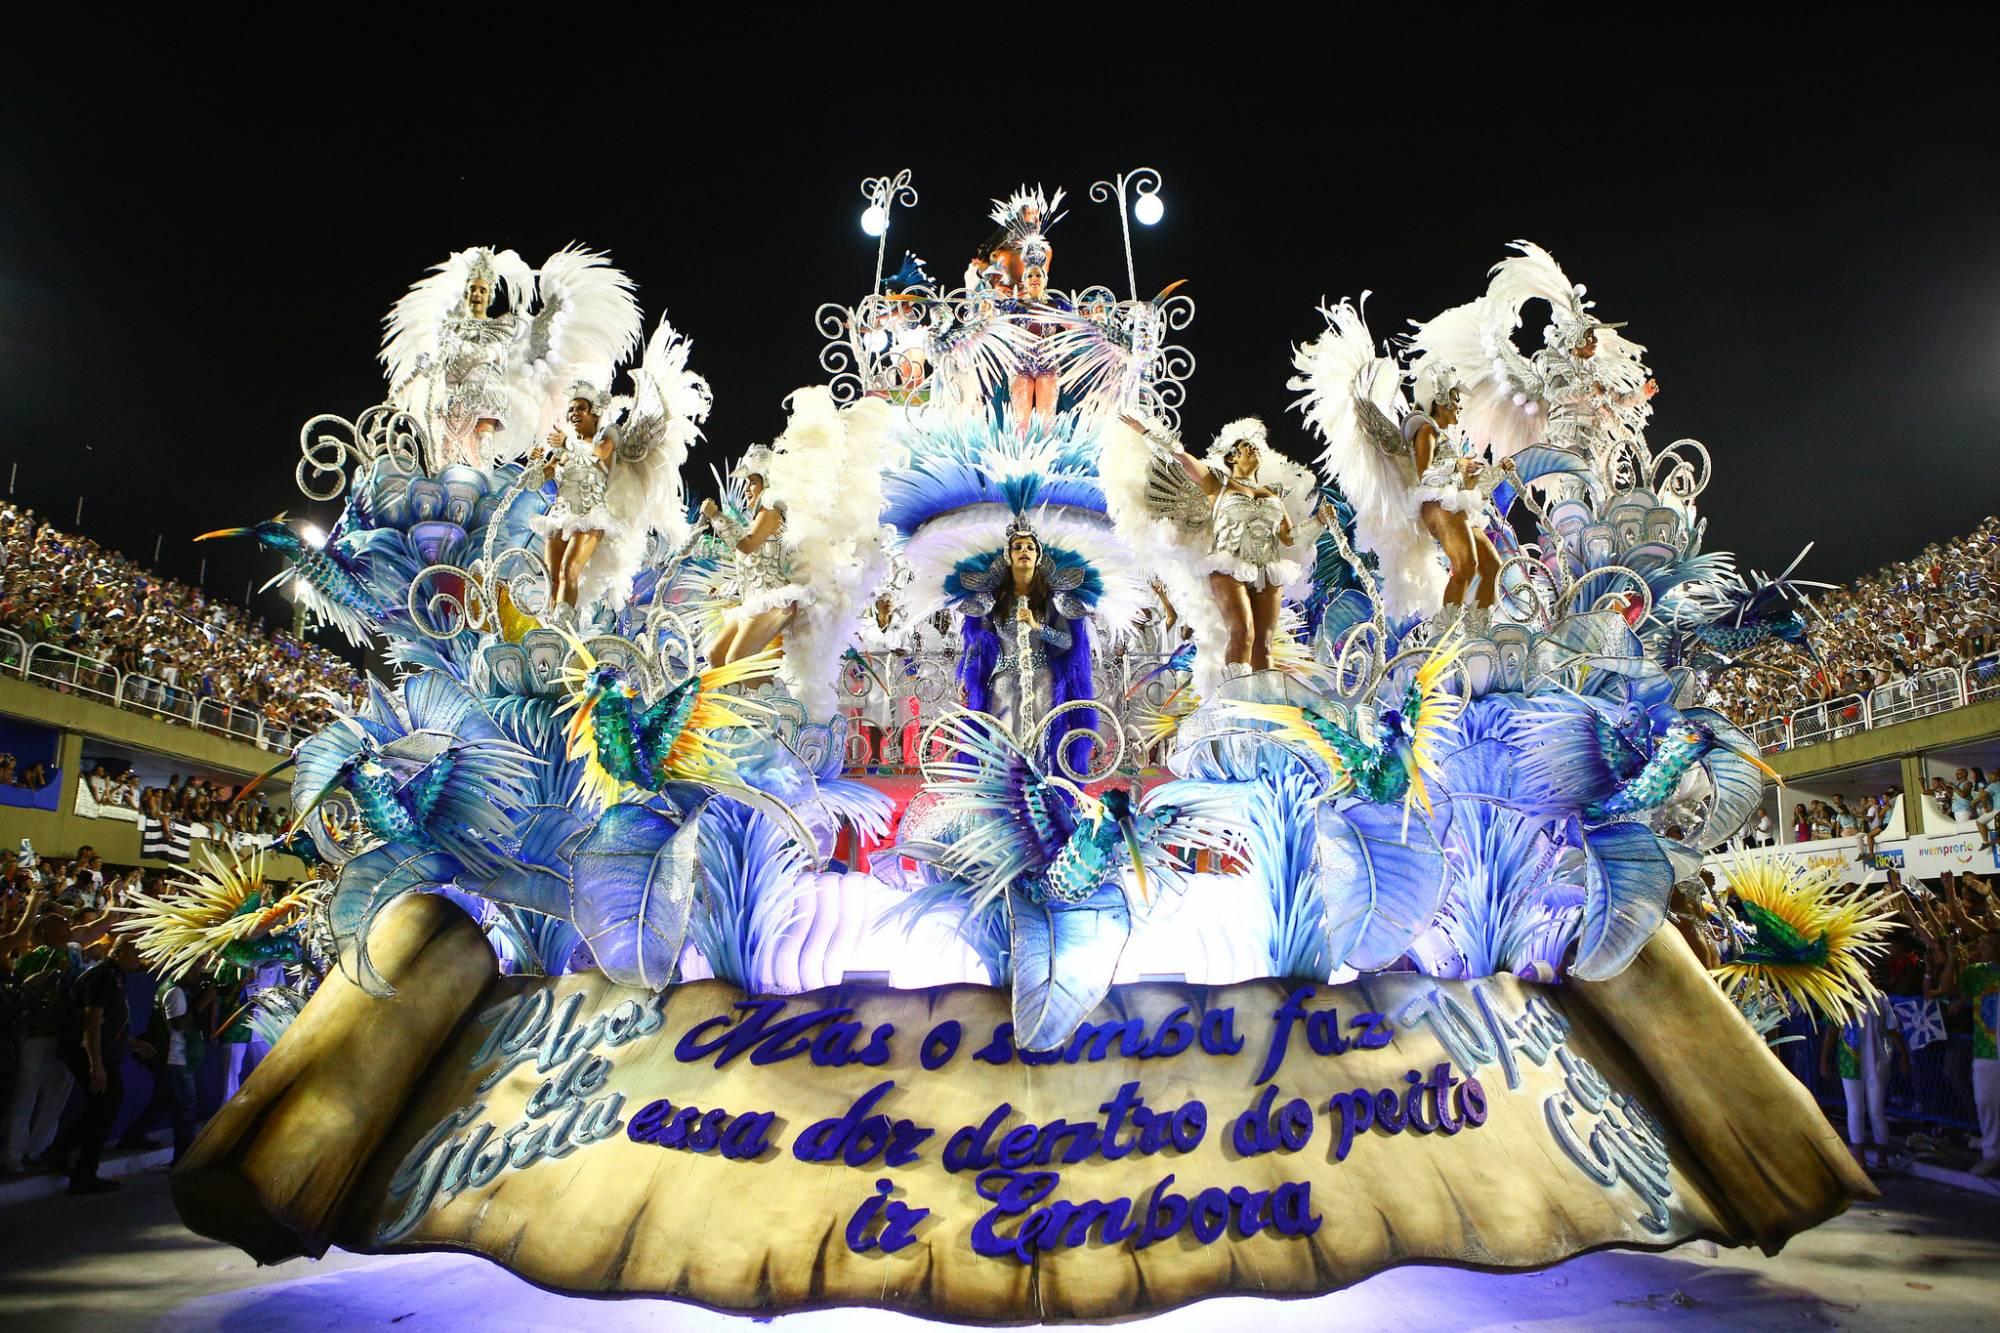 Pabllo Vittar desfila como destaque pela Beija-Flor: 'Estou amando'